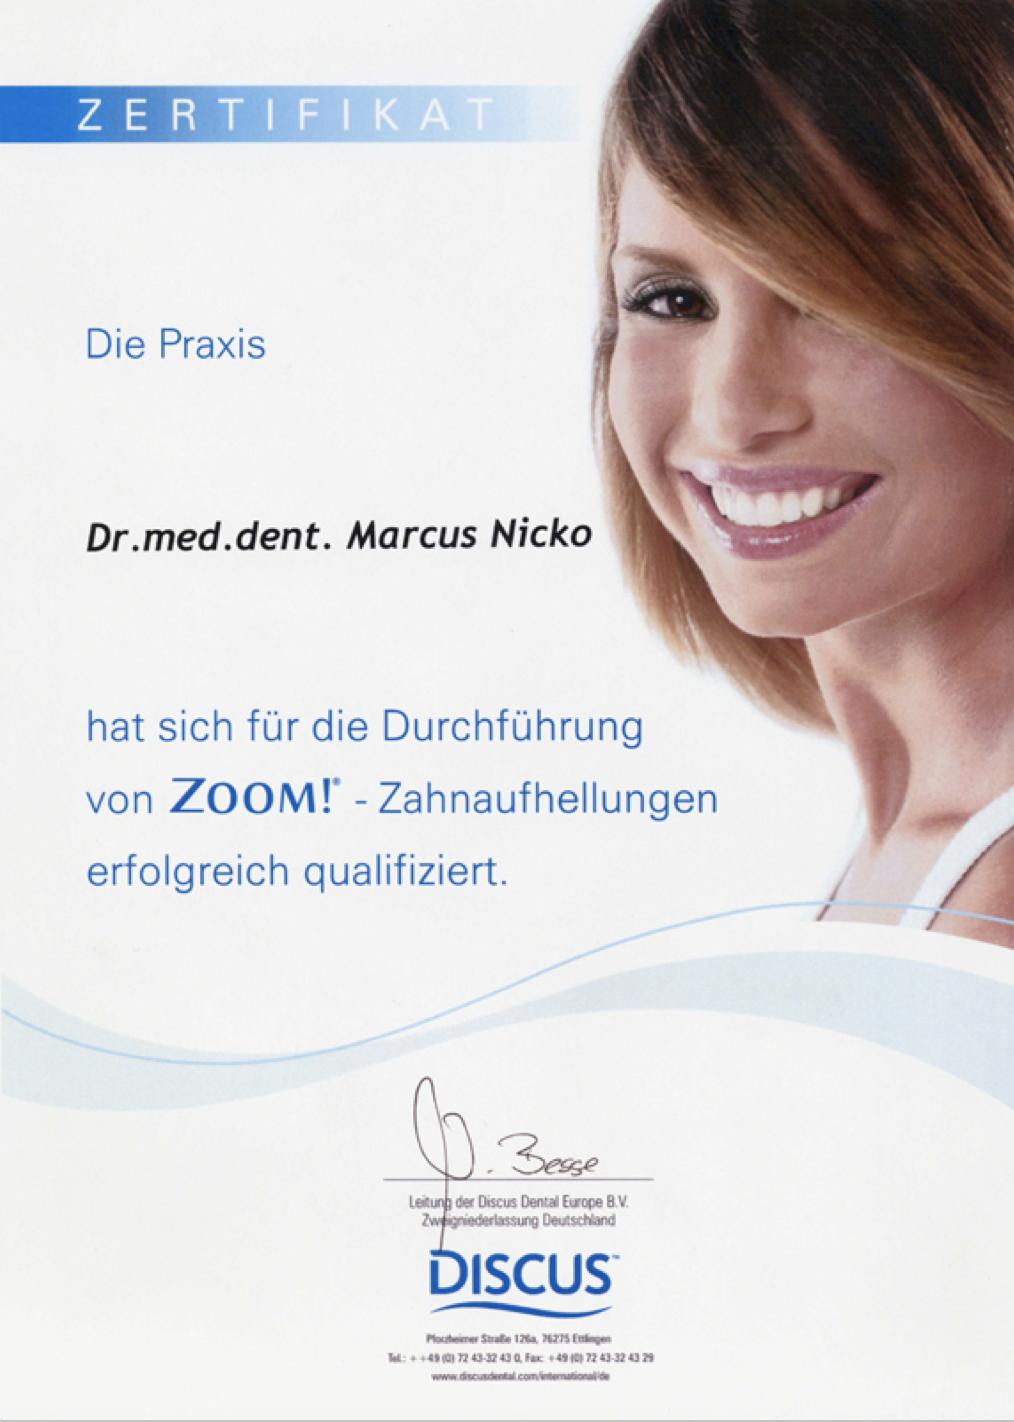 Dr. Nicko Zertifizierung für ZOOM!